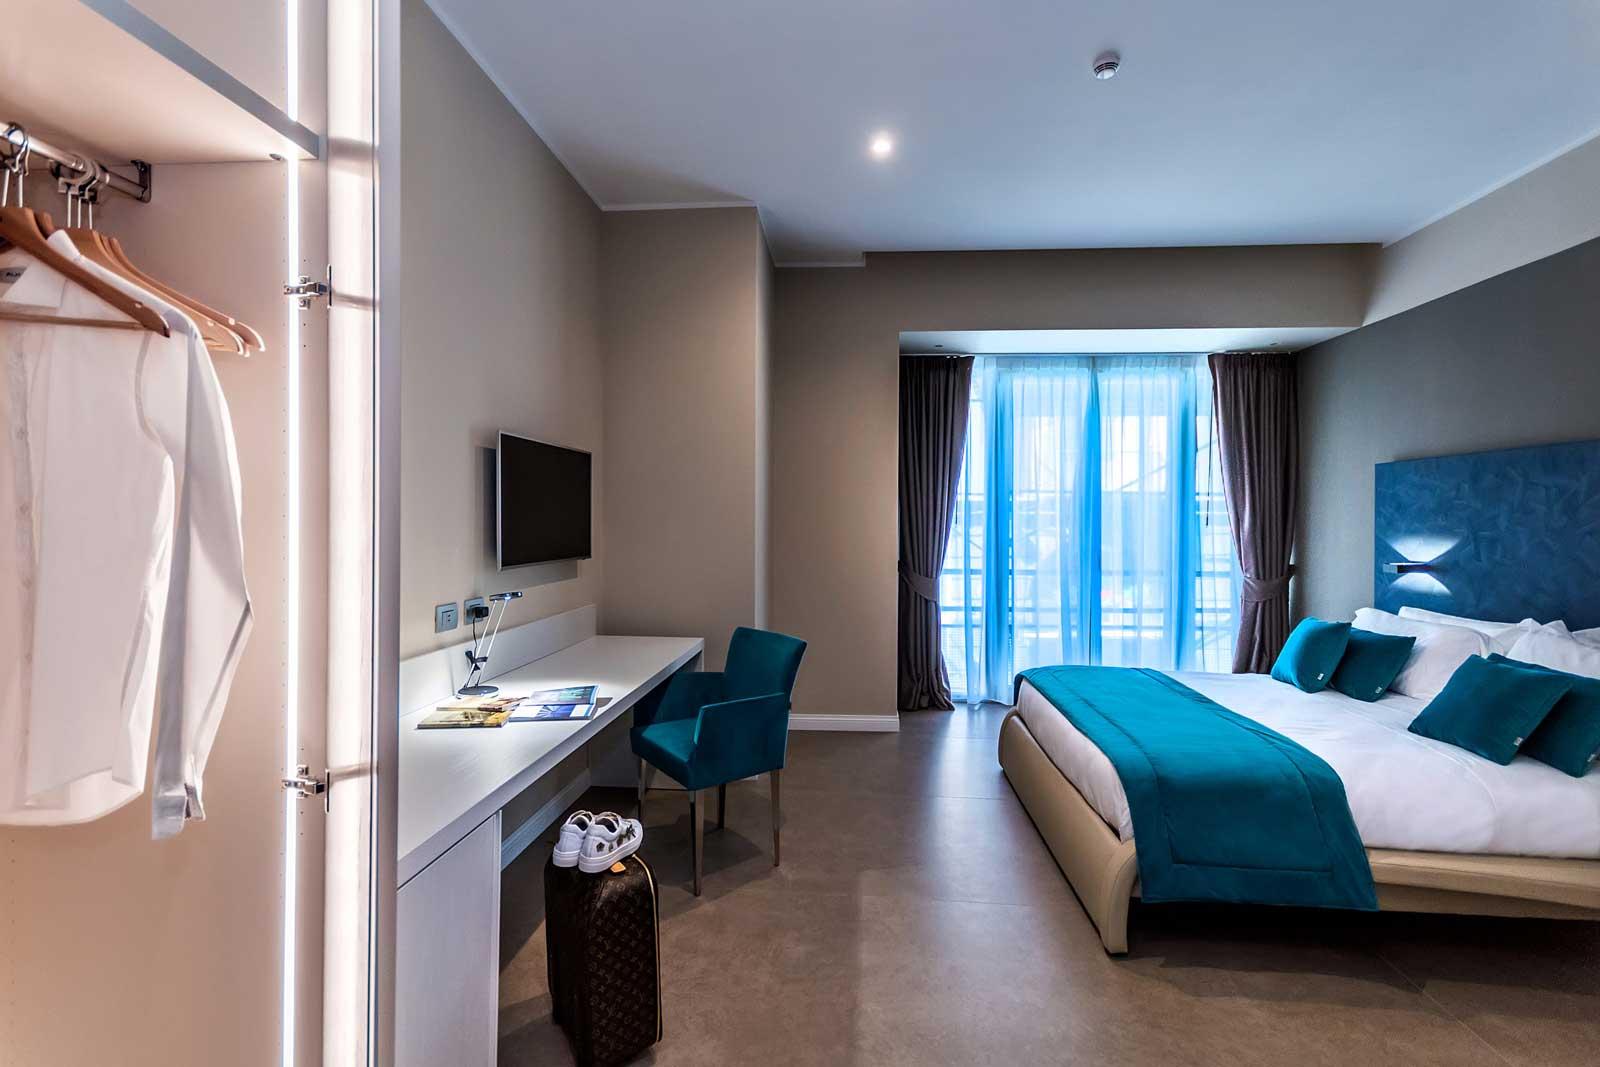 Camera Matilde lifestyle Hotel Napoli